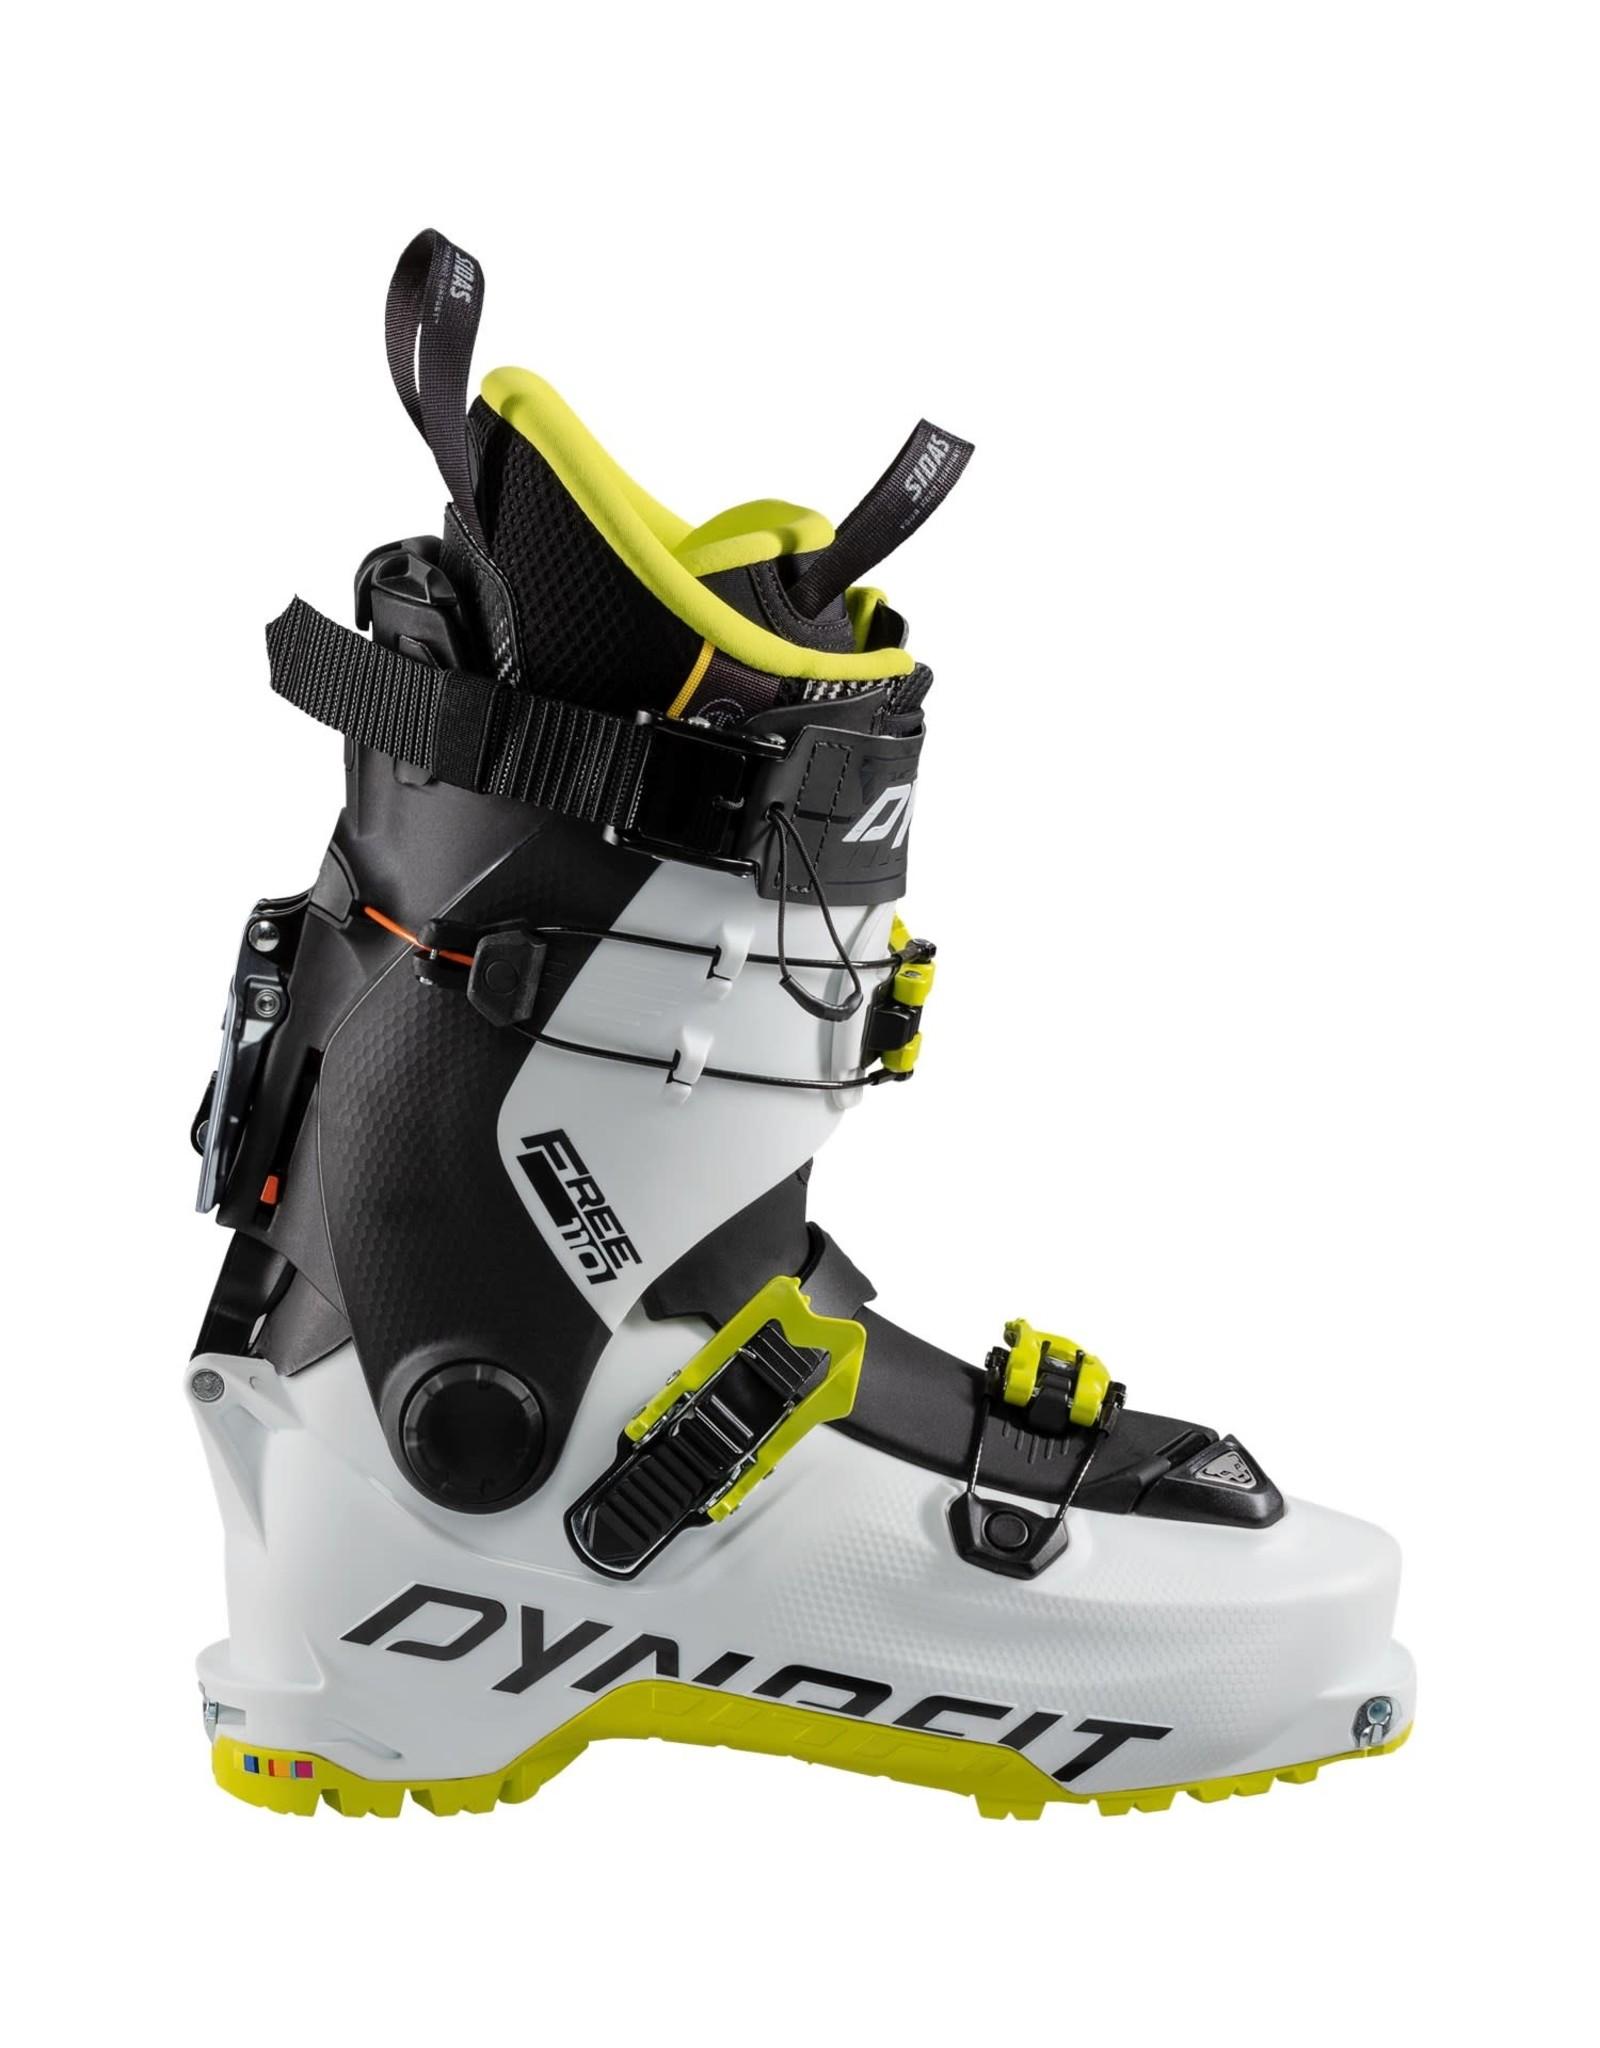 Dynafit Dynafit Hoji Free 110 Ski Boots - Unisex